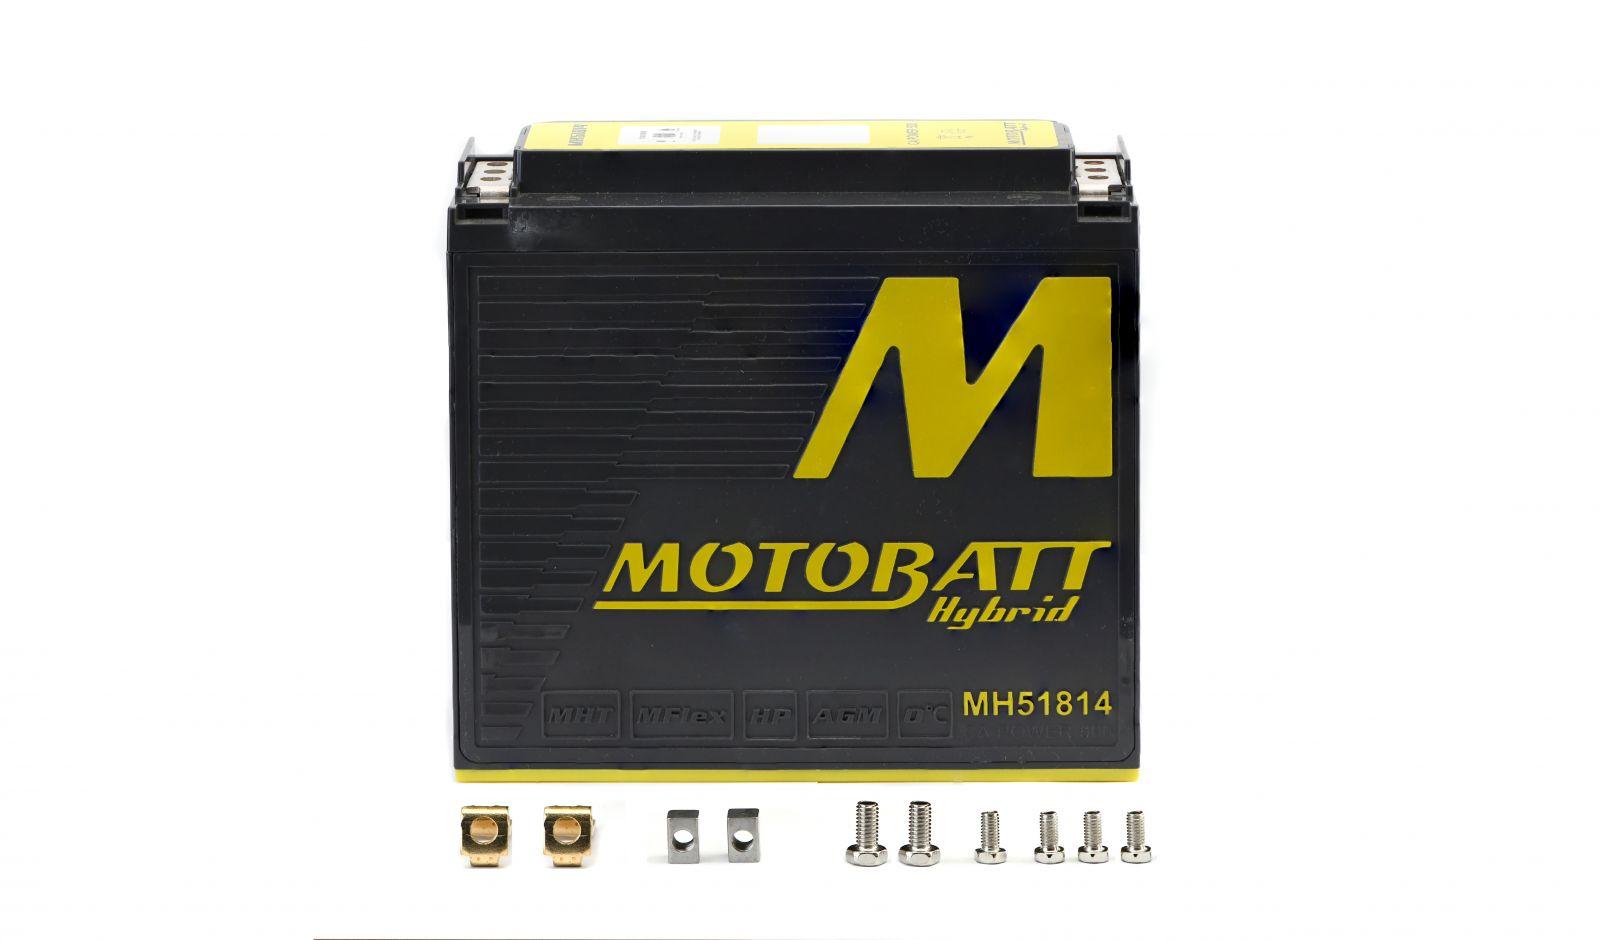 Motobatt Hybrid Batteries - 501186MH image